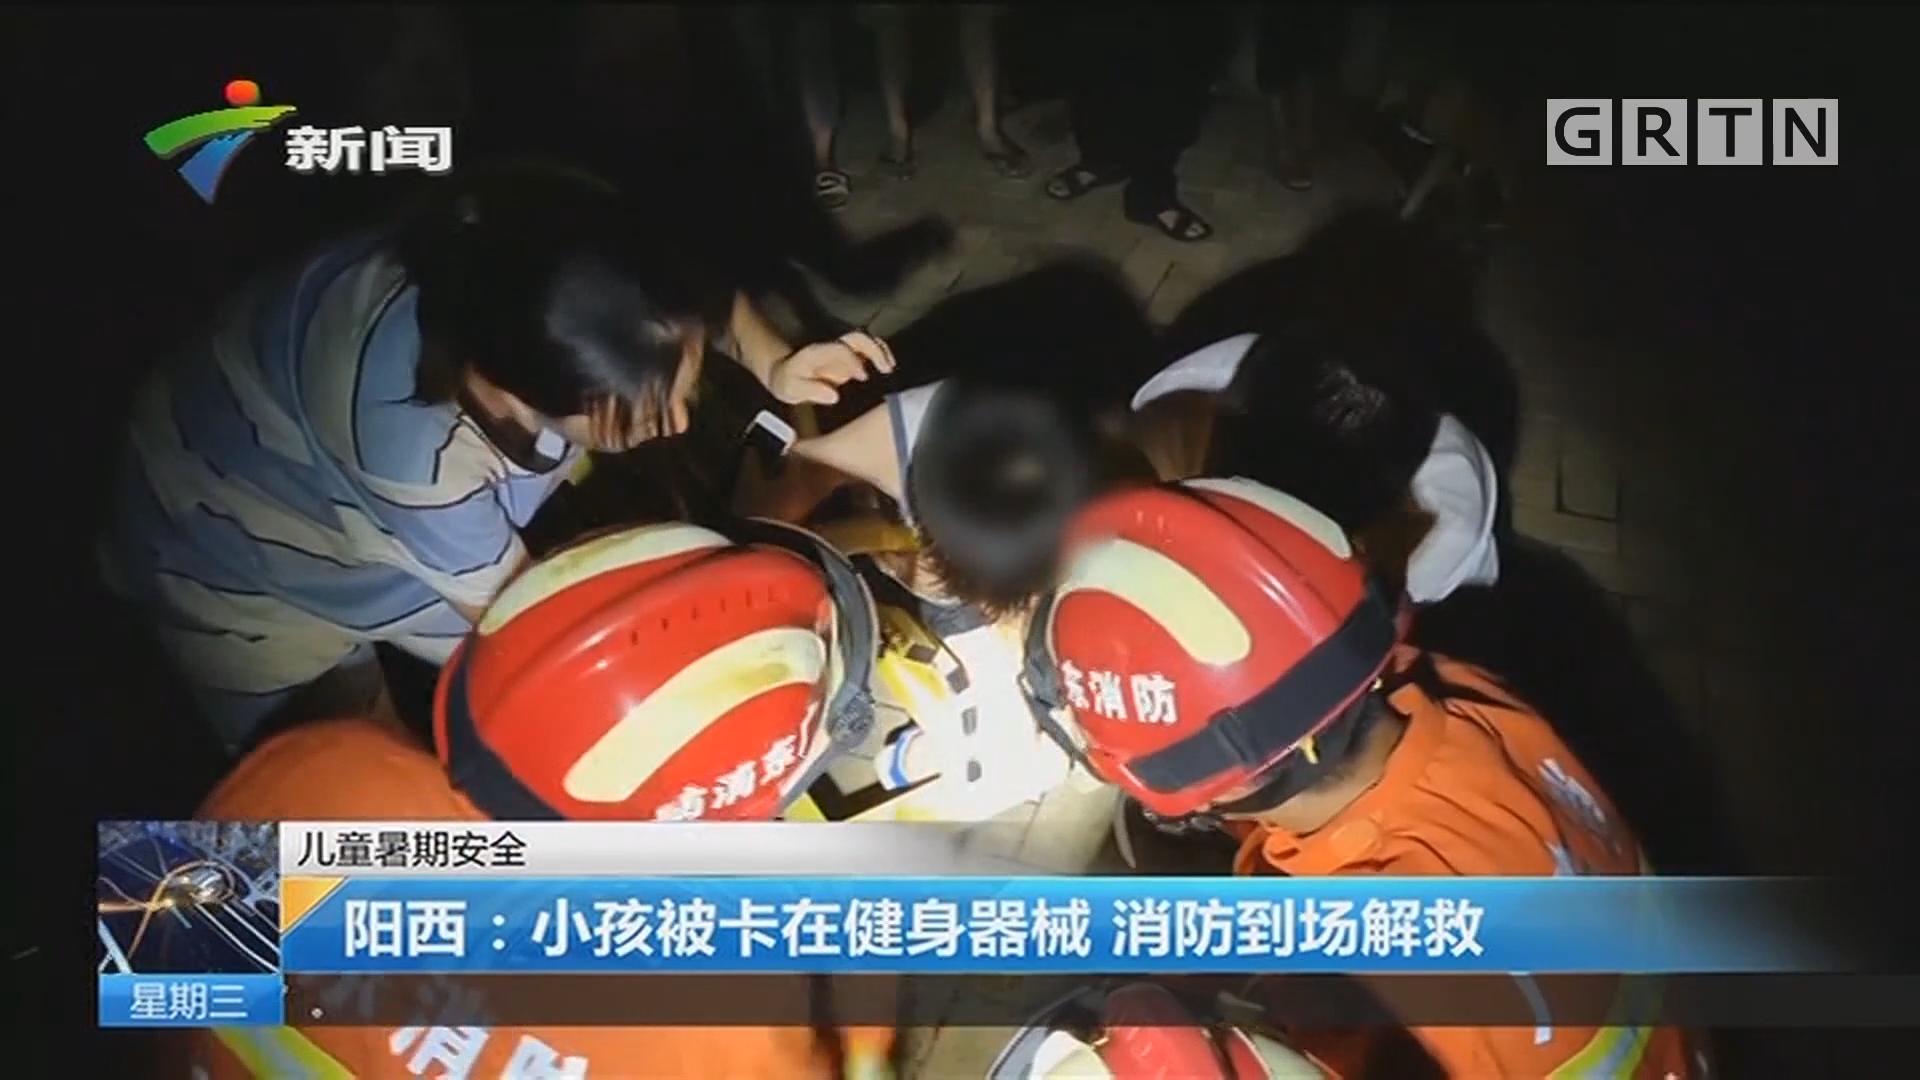 儿童暑期安全 阳西:小孩被卡在健身器械 消防到场解救